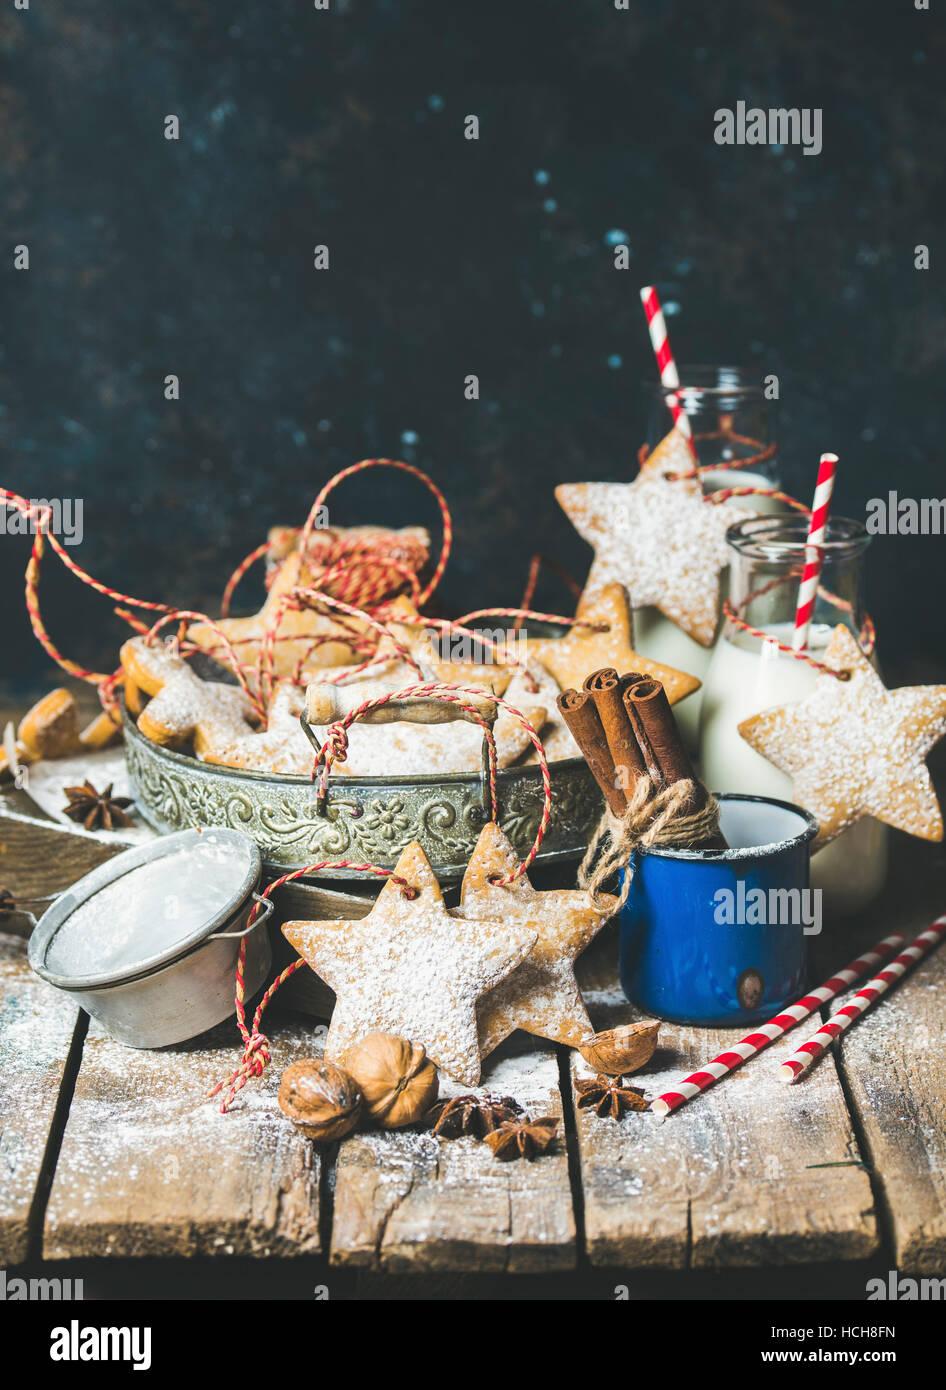 Fiesta de Navidad cookies o galletas de jengibre en bandeja vintage, decoración cuerda, nueces, especias, leche Imagen De Stock